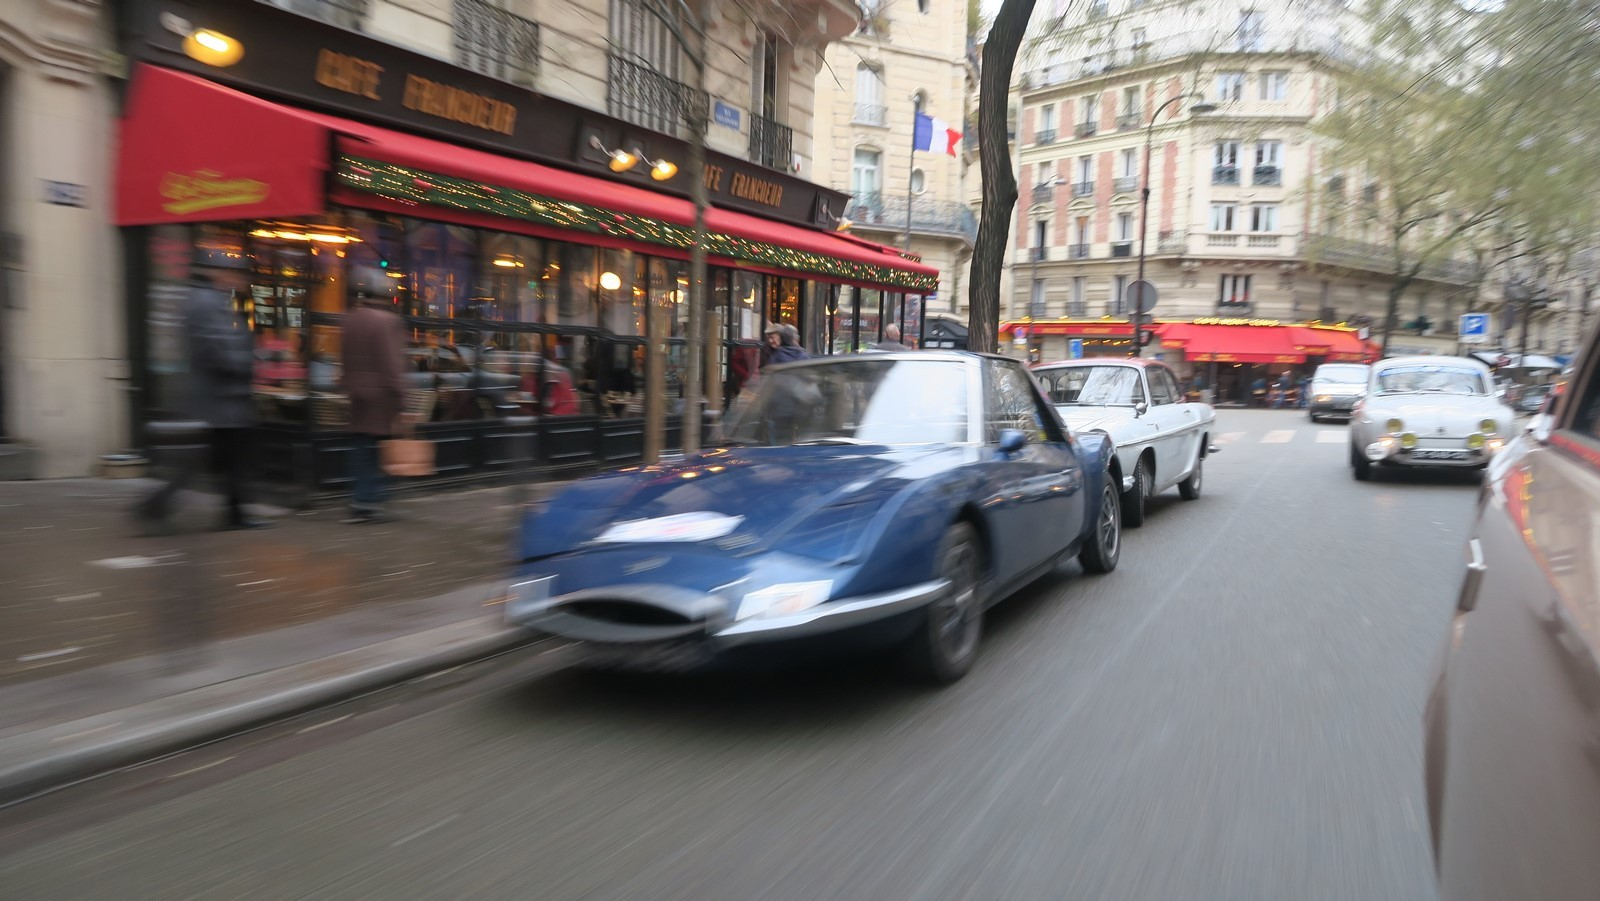 Traversee de Paris hivernale 2019 FM 21